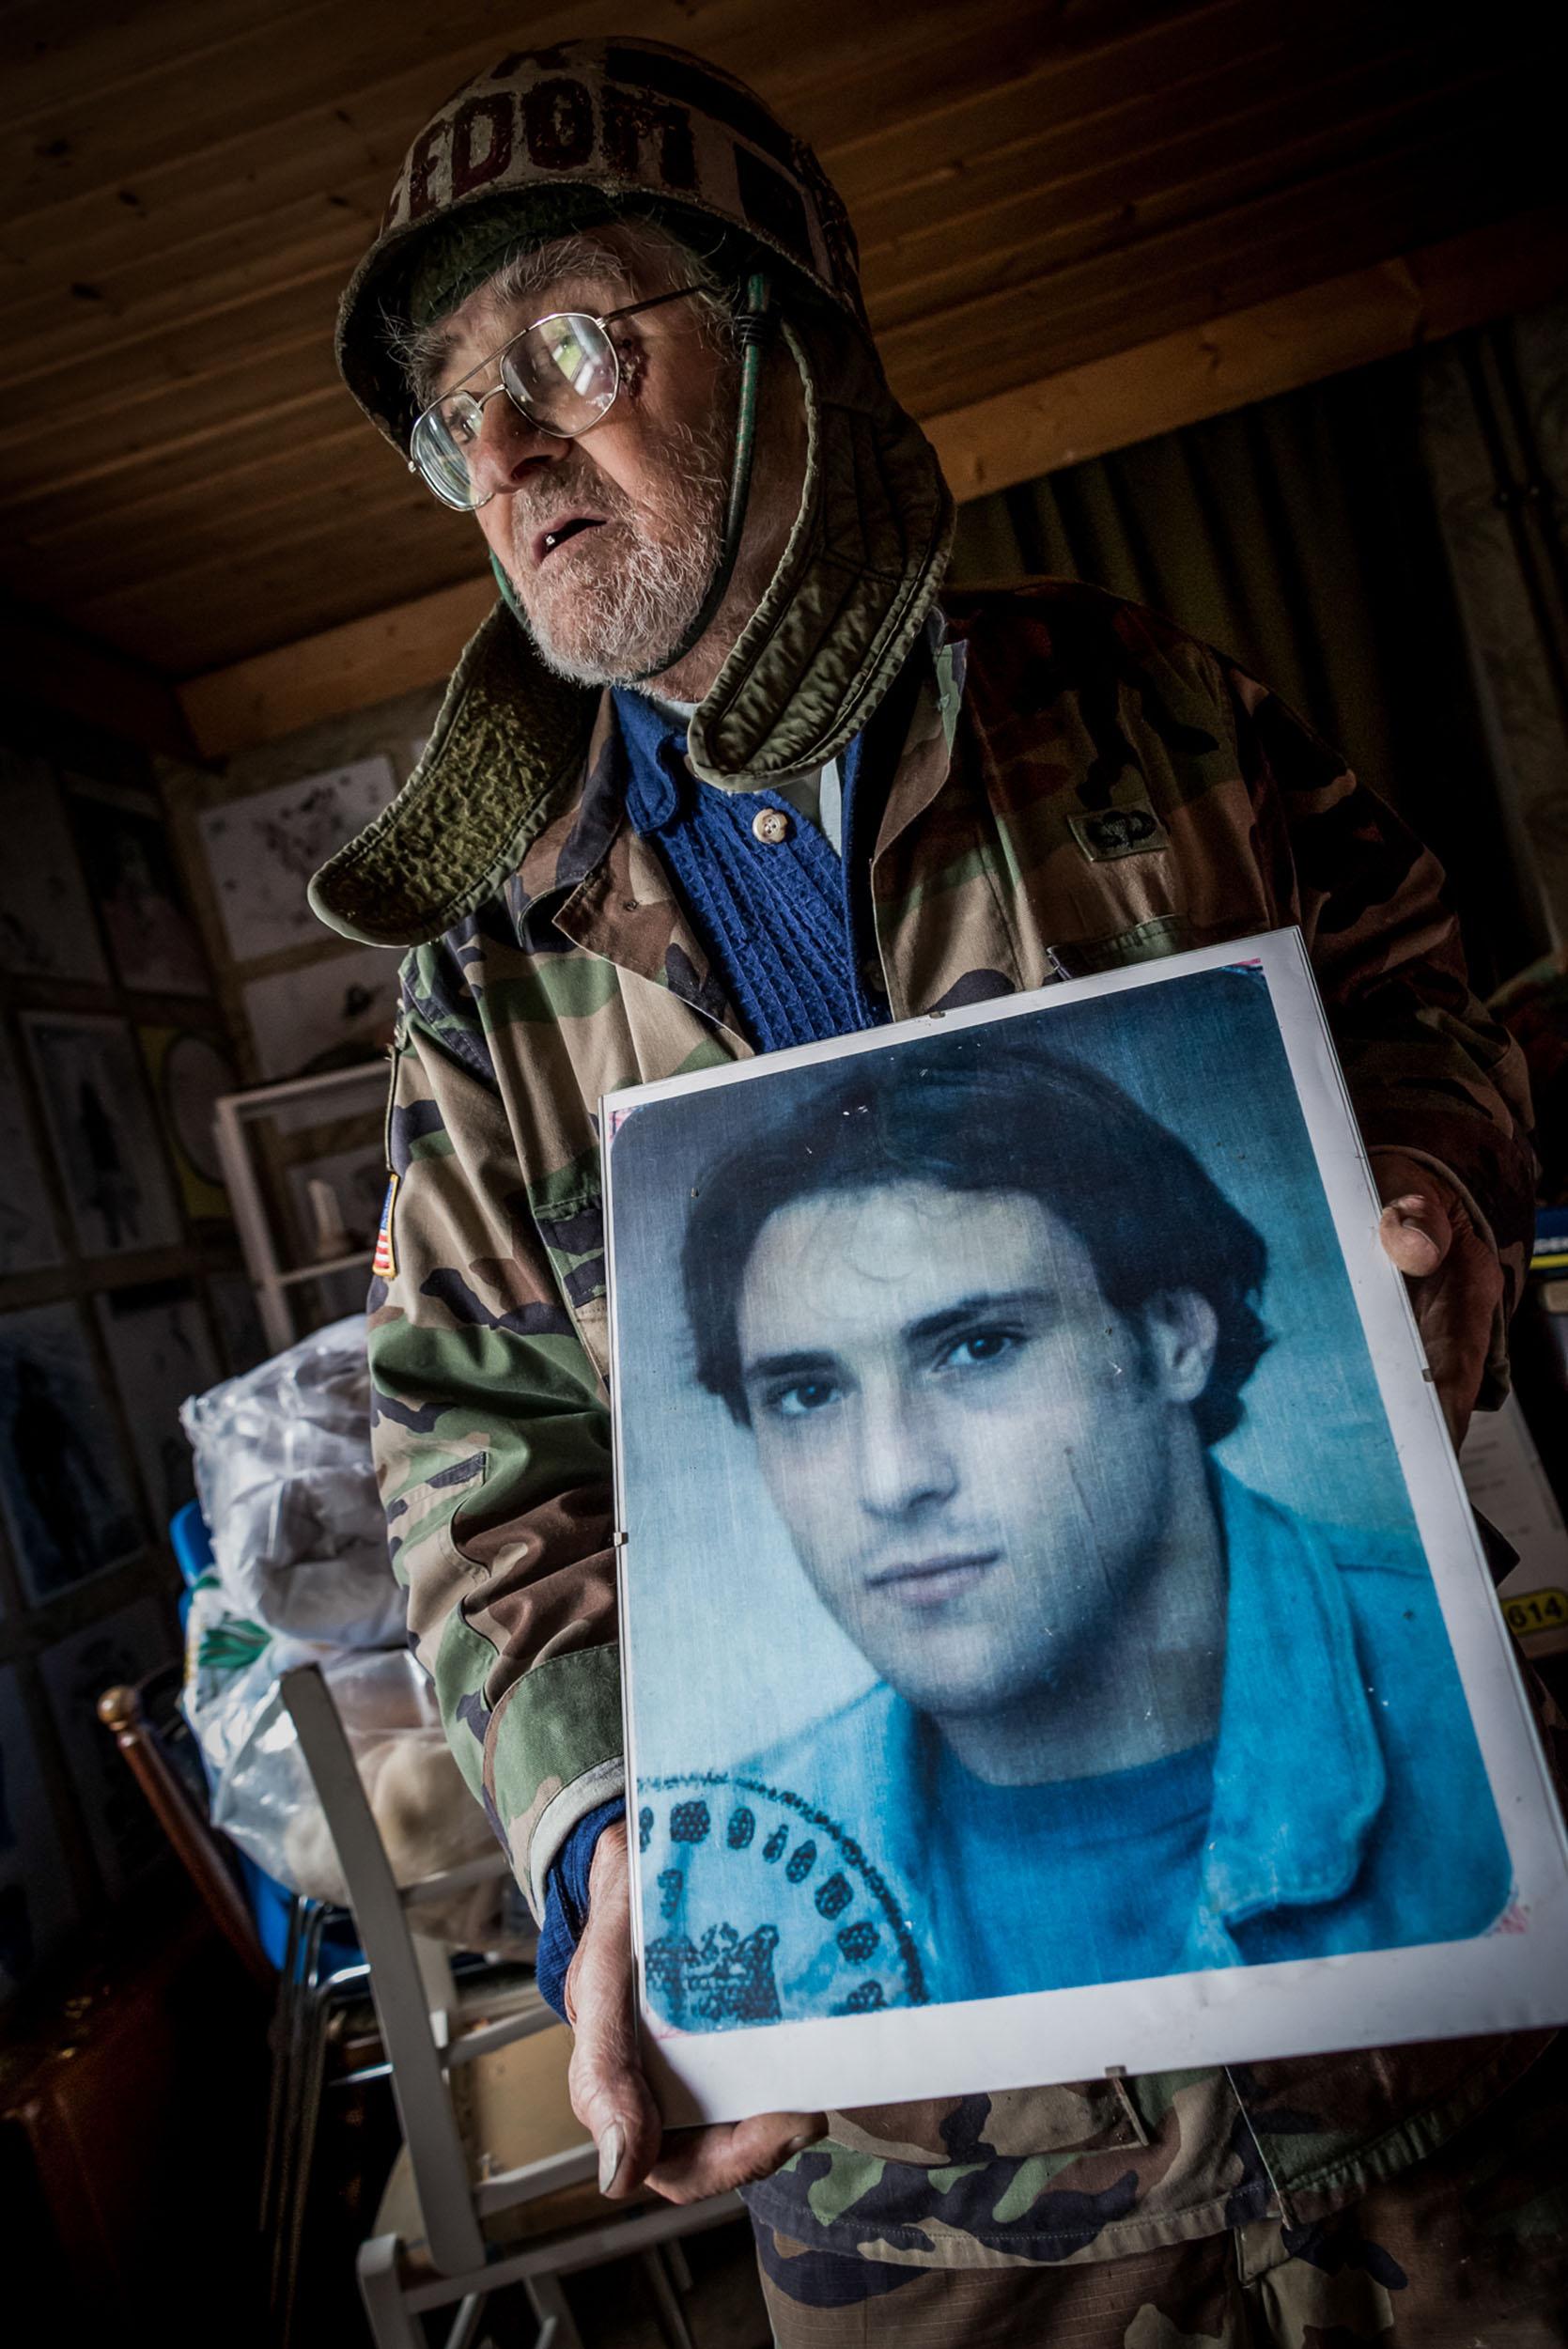 Schmerzliche Erinnerung: Vom einzigen Sohn blieb nur ein Foto, herauskopiert aus dem Ausweis des jungen Mannes.